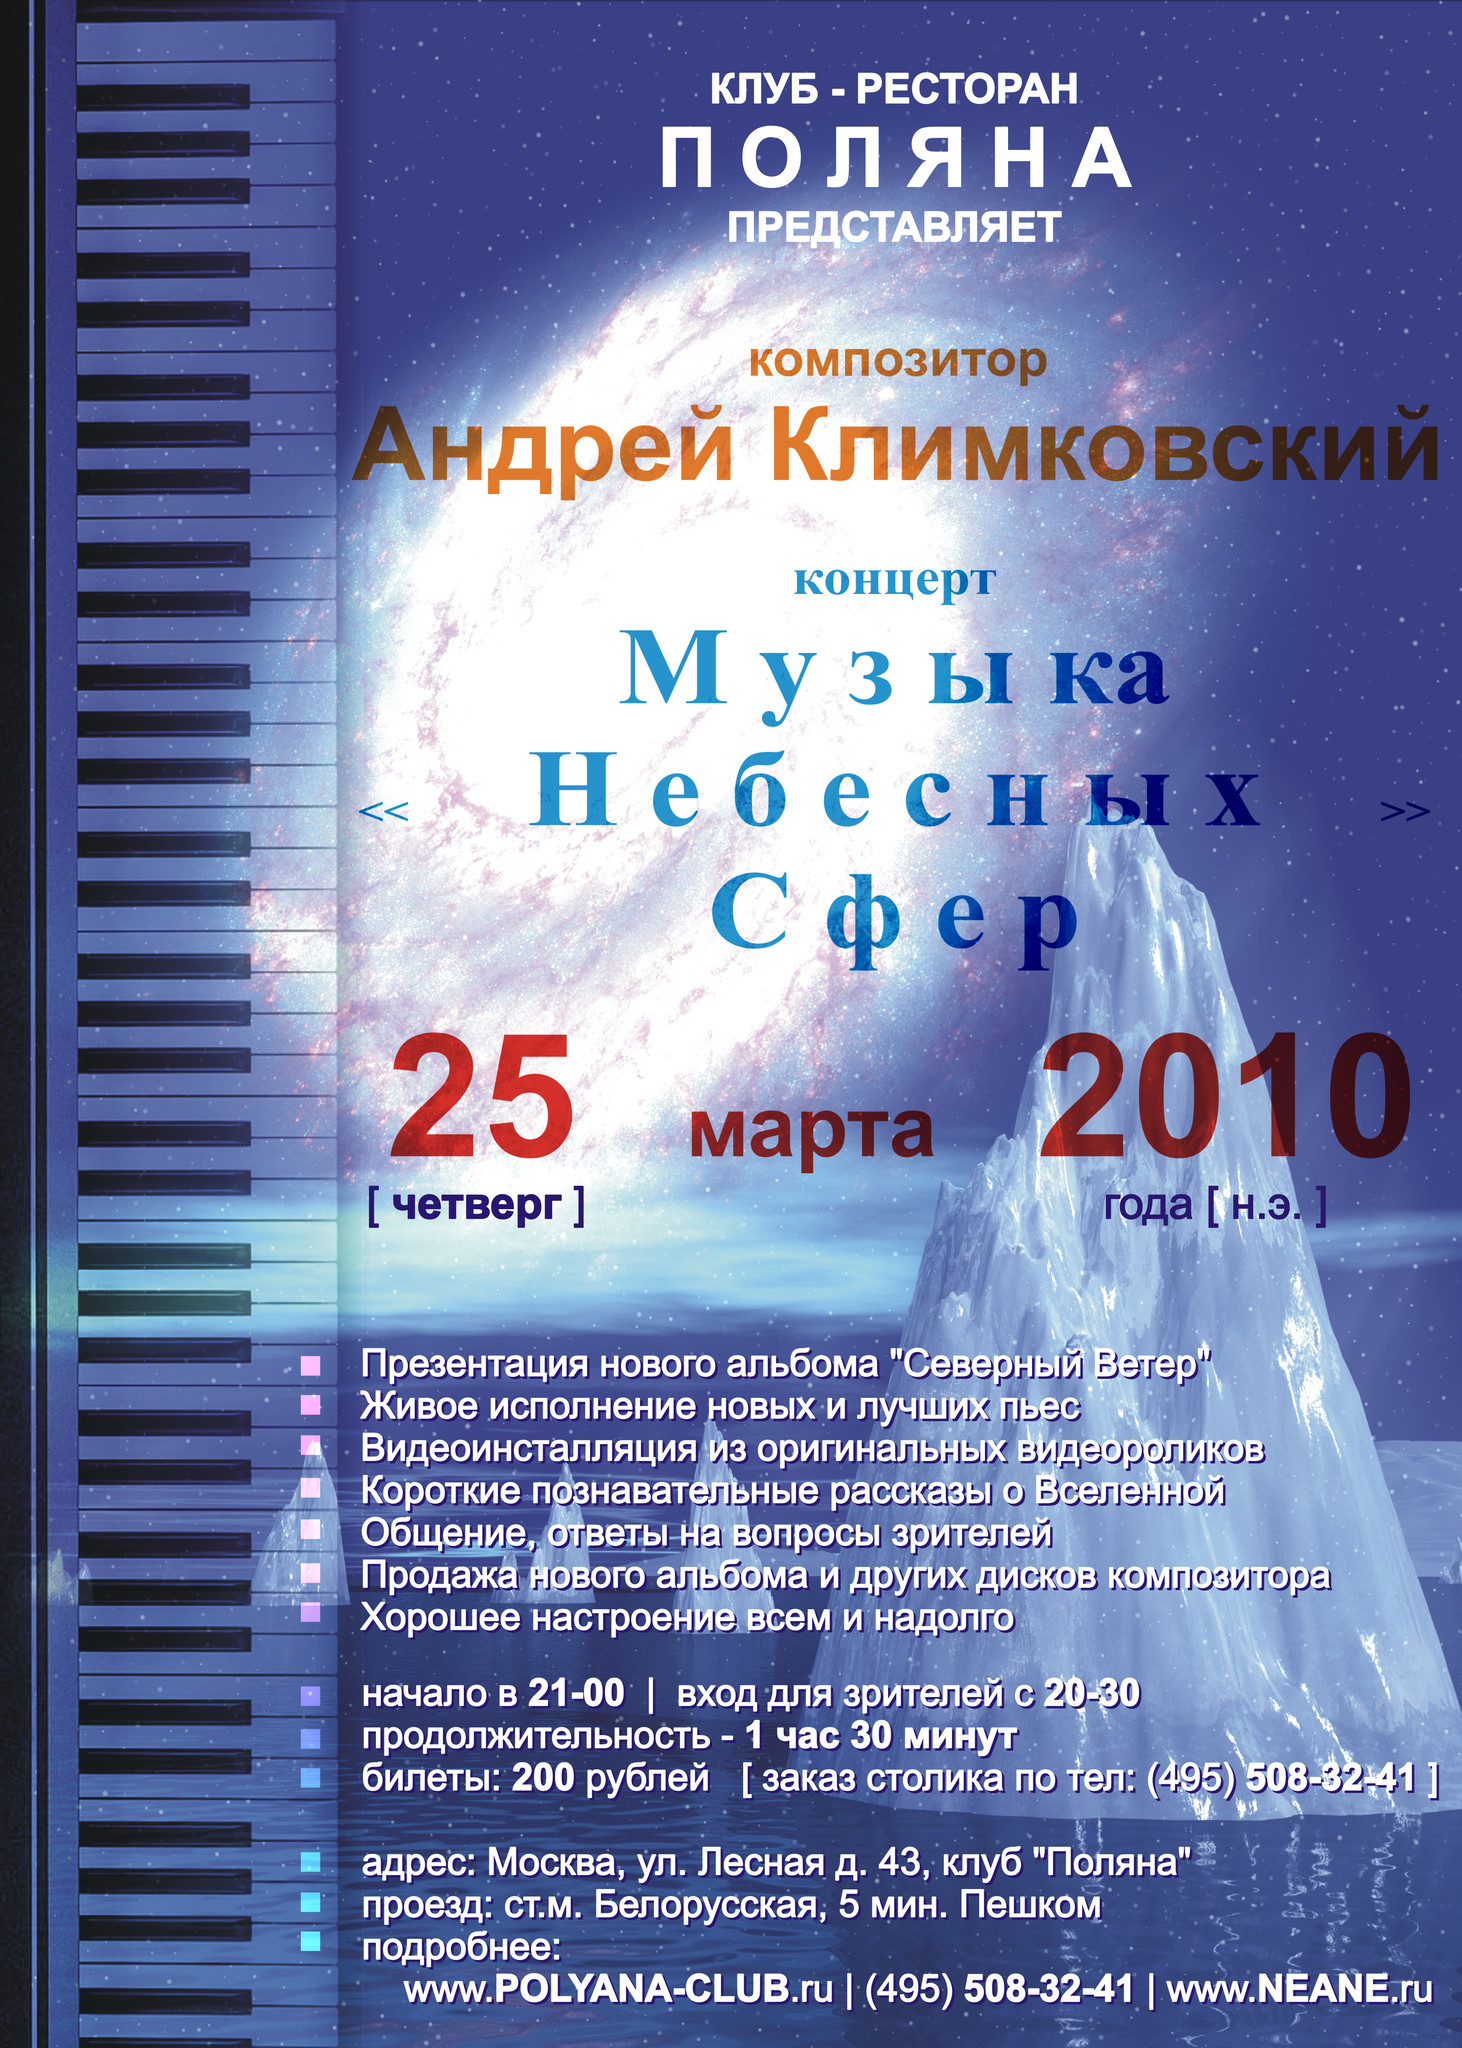 Андрей Климковский и друзья - Концерт «Музыка Небесных Сфер» в Большом Планетарии Москвы